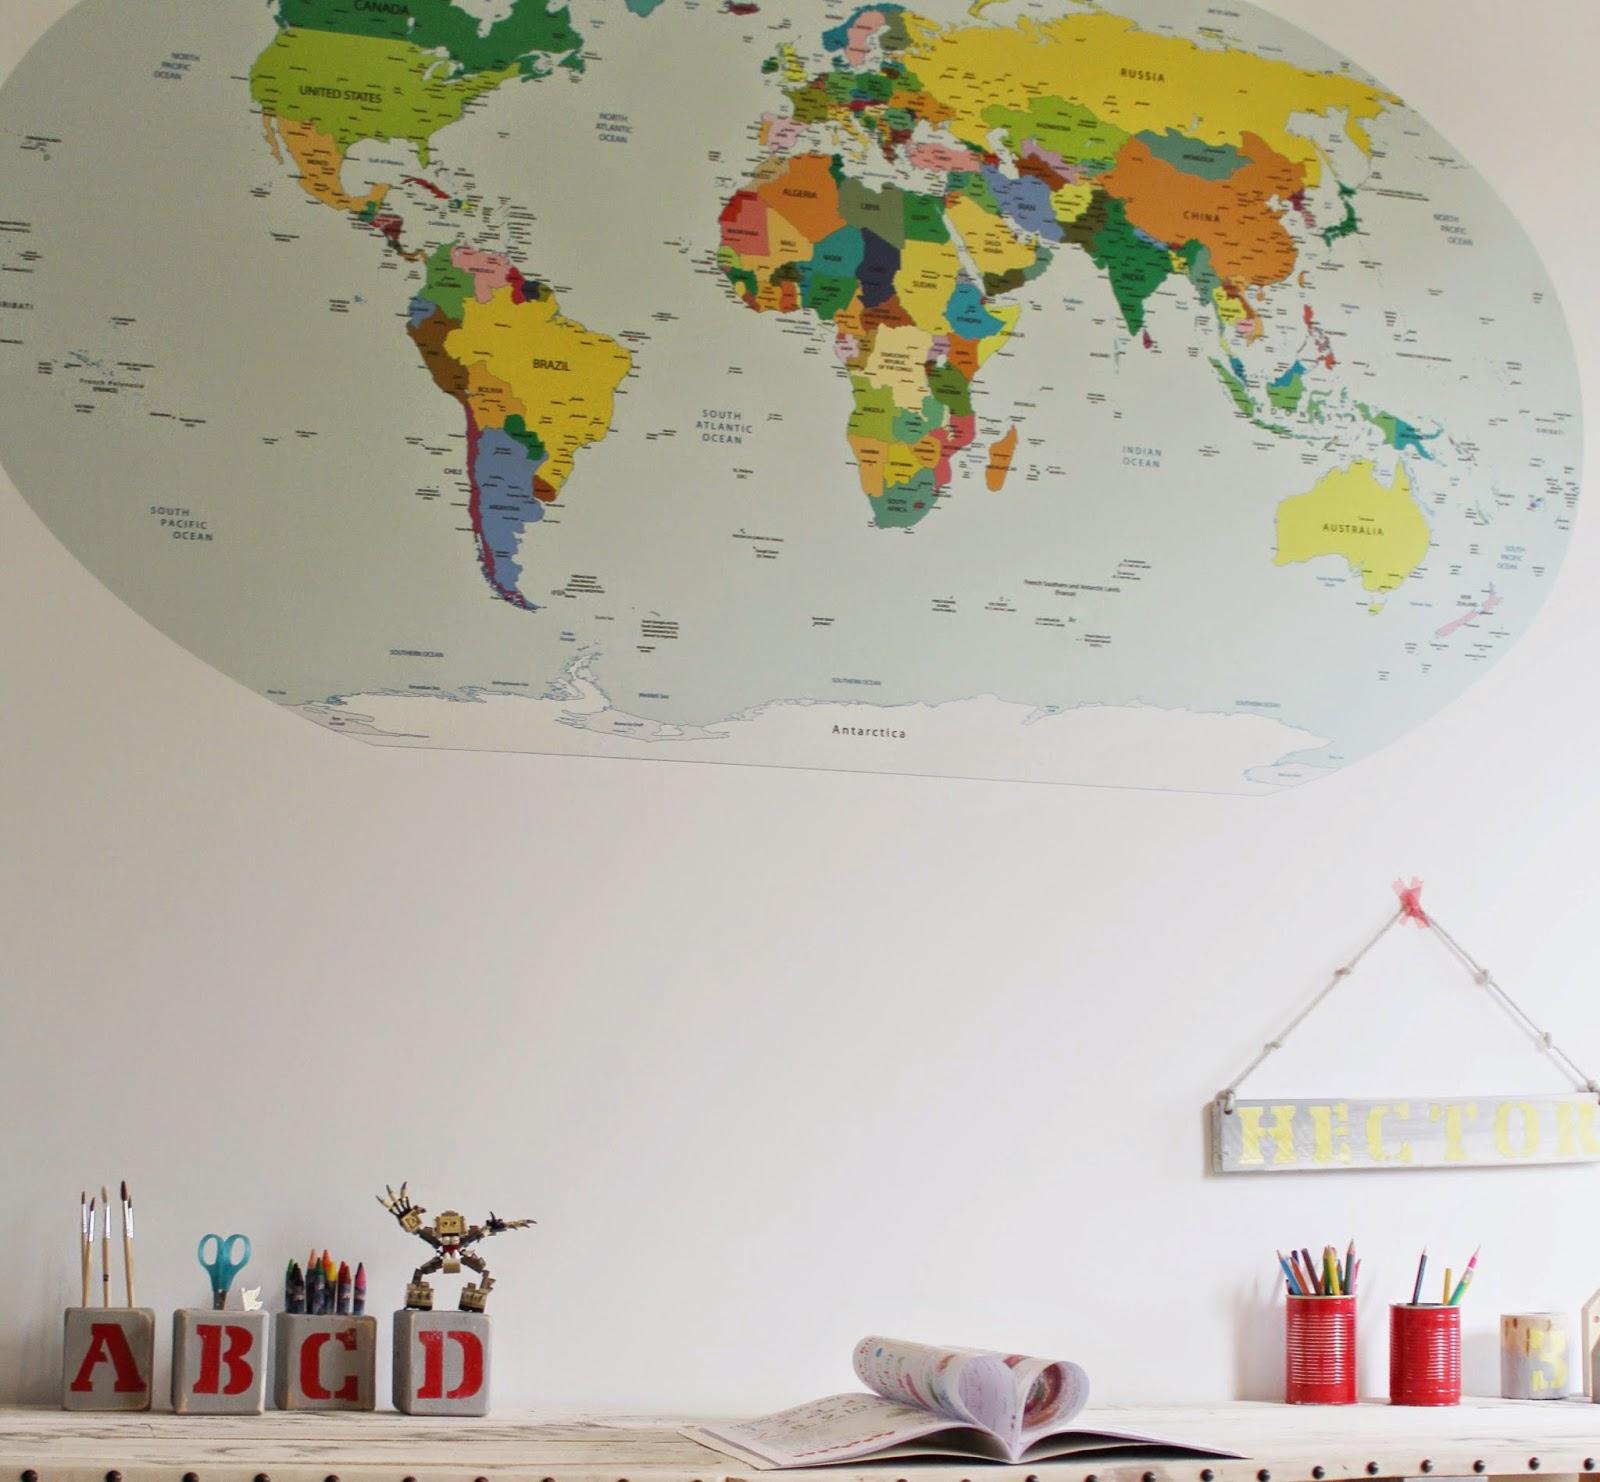 pojemniki na biurko z literkami DIY,jak zmienić pokój szybko i tanio,mapa świata Pixers,tabliczka drewniana z imieniem,blog DIY,tutoriale na blogu ladies designs